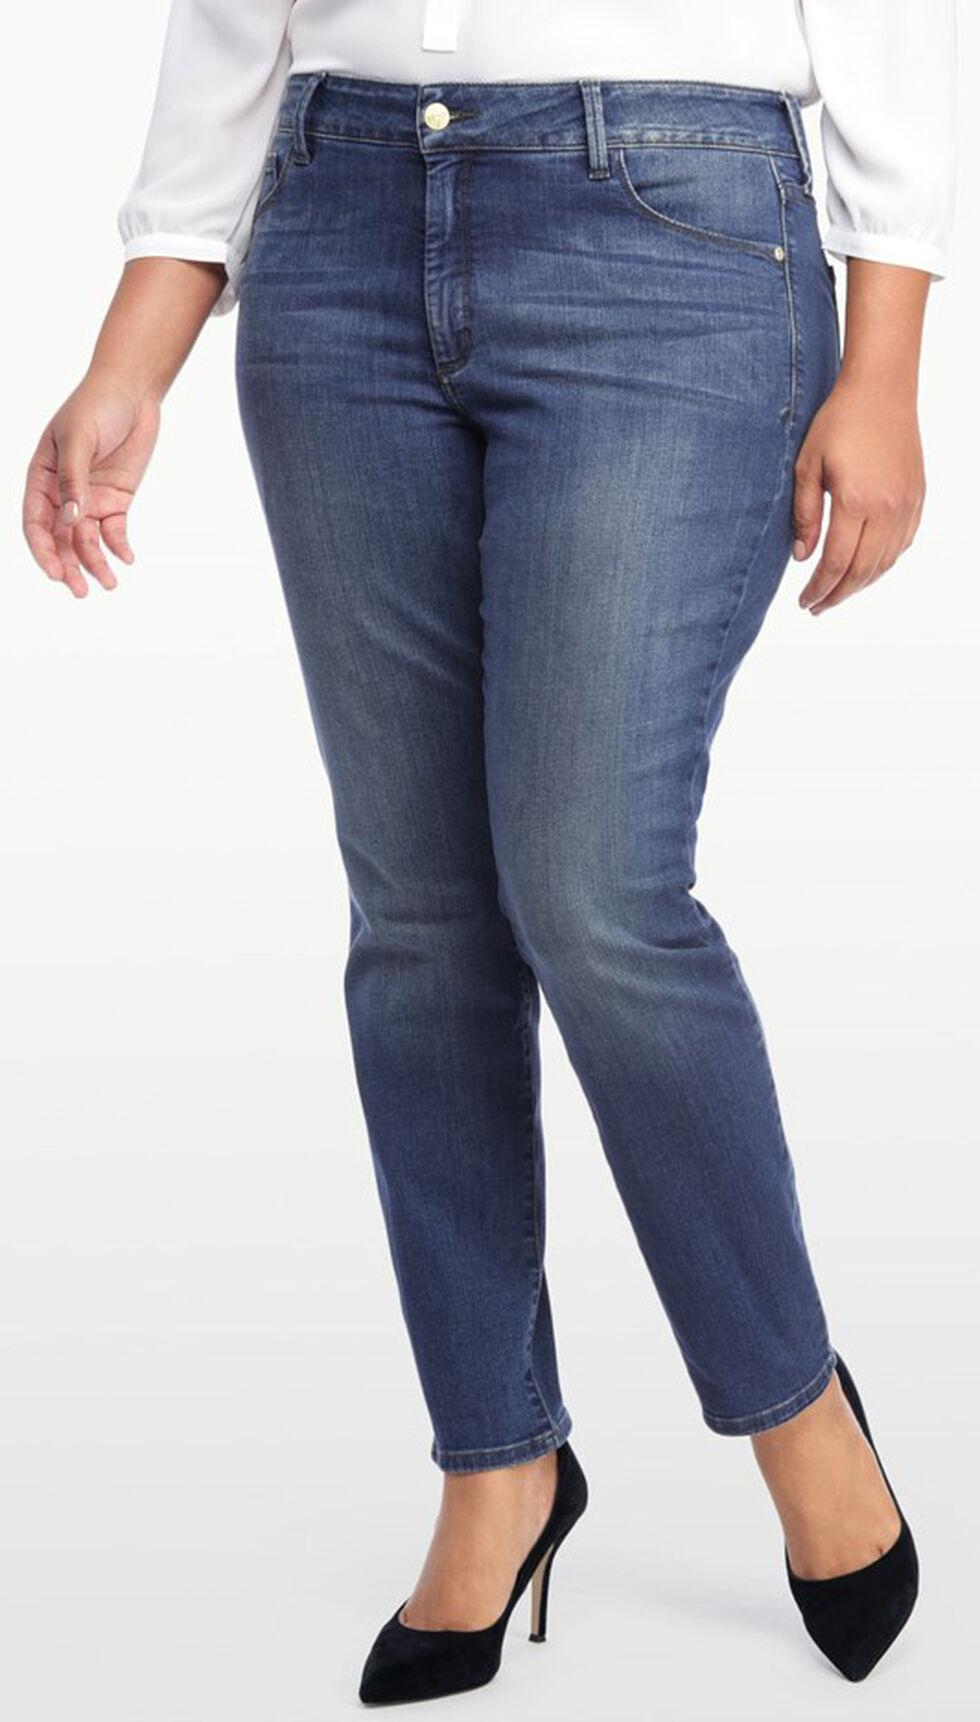 NYDJ Women's Alina Legging Jeans - Plus, Indigo, hi-res